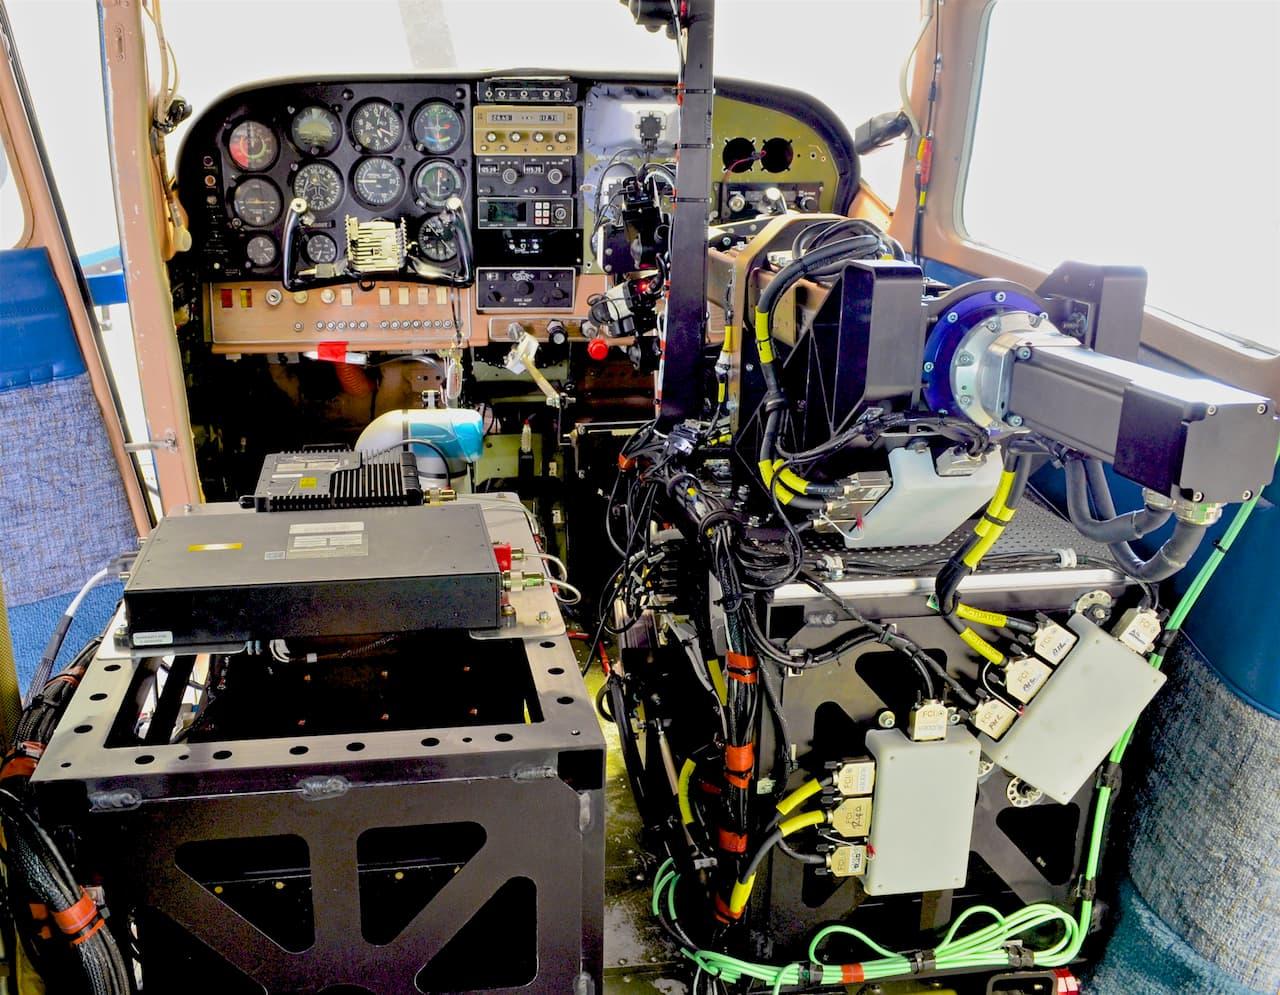 ROBOpilot, o robô da Força Aérea dos EUA que transforma qualquer avião numa aeronave autônoma, em frente a um cockpit